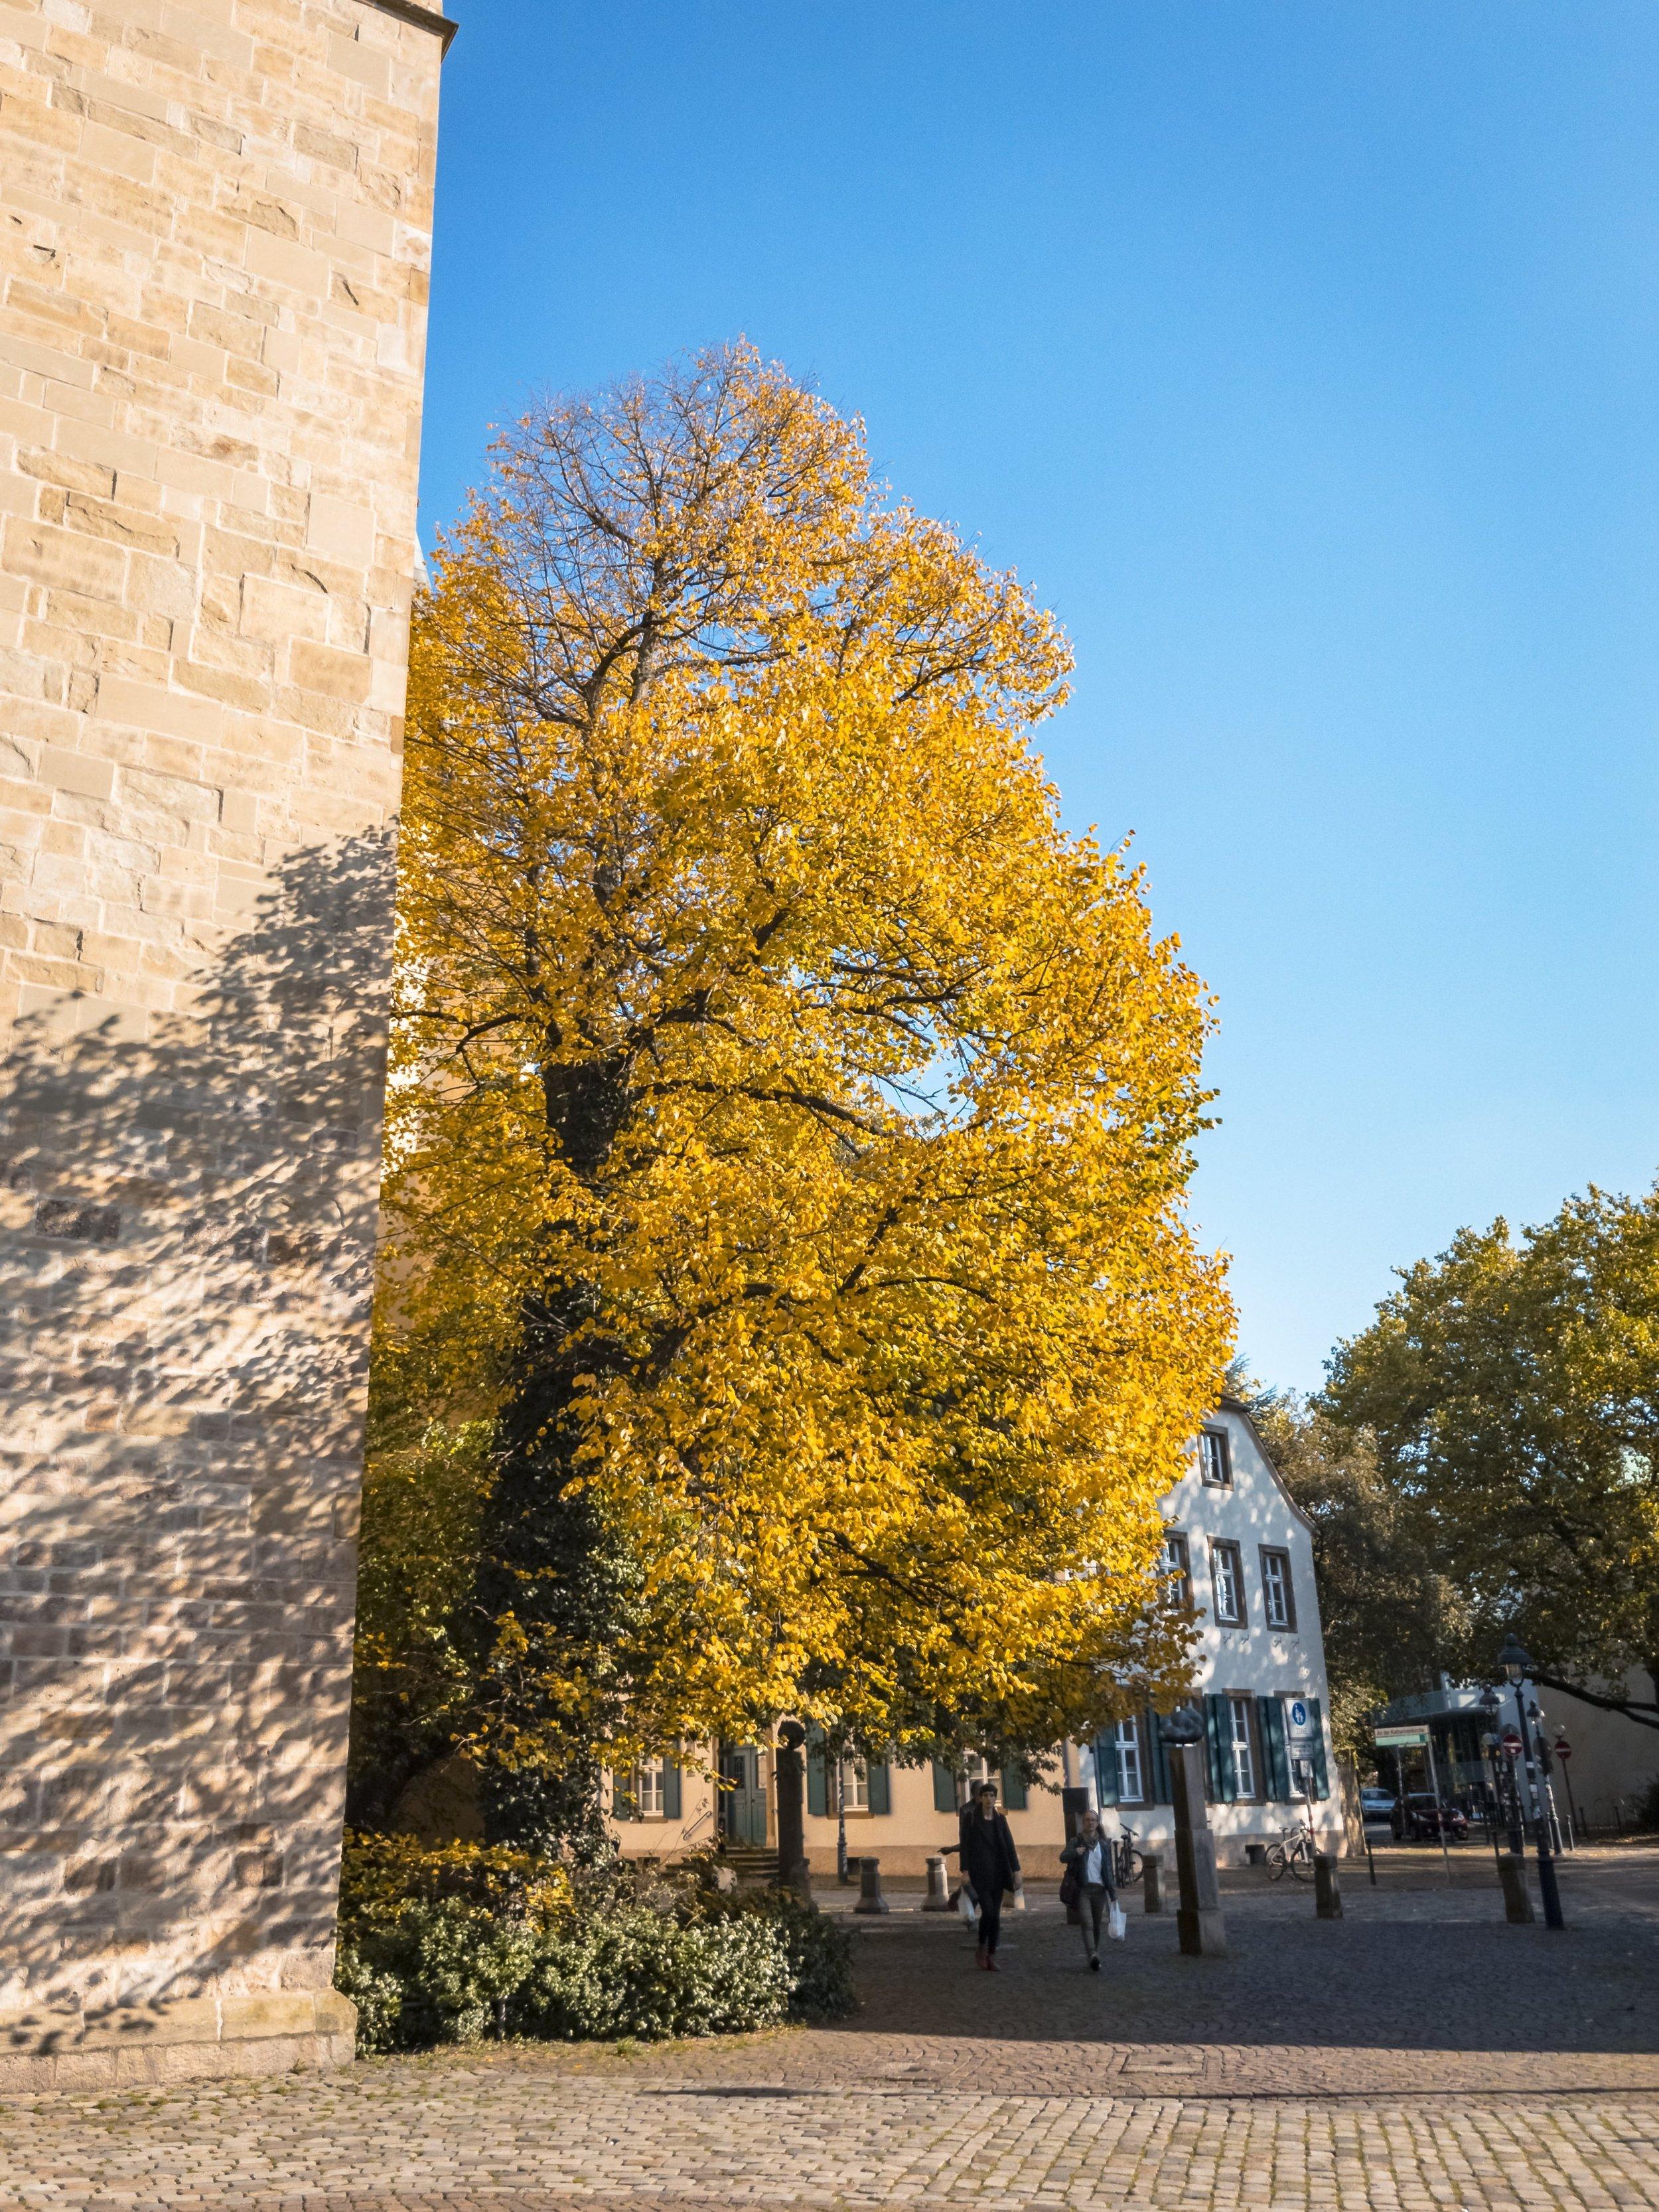 APC_0321-hdr - Herbst ShotoniPhone Autumn Blätter Leaves Sun Sonne Light Threes Licht Bäume Baum Stadt Osnabrück.jpg